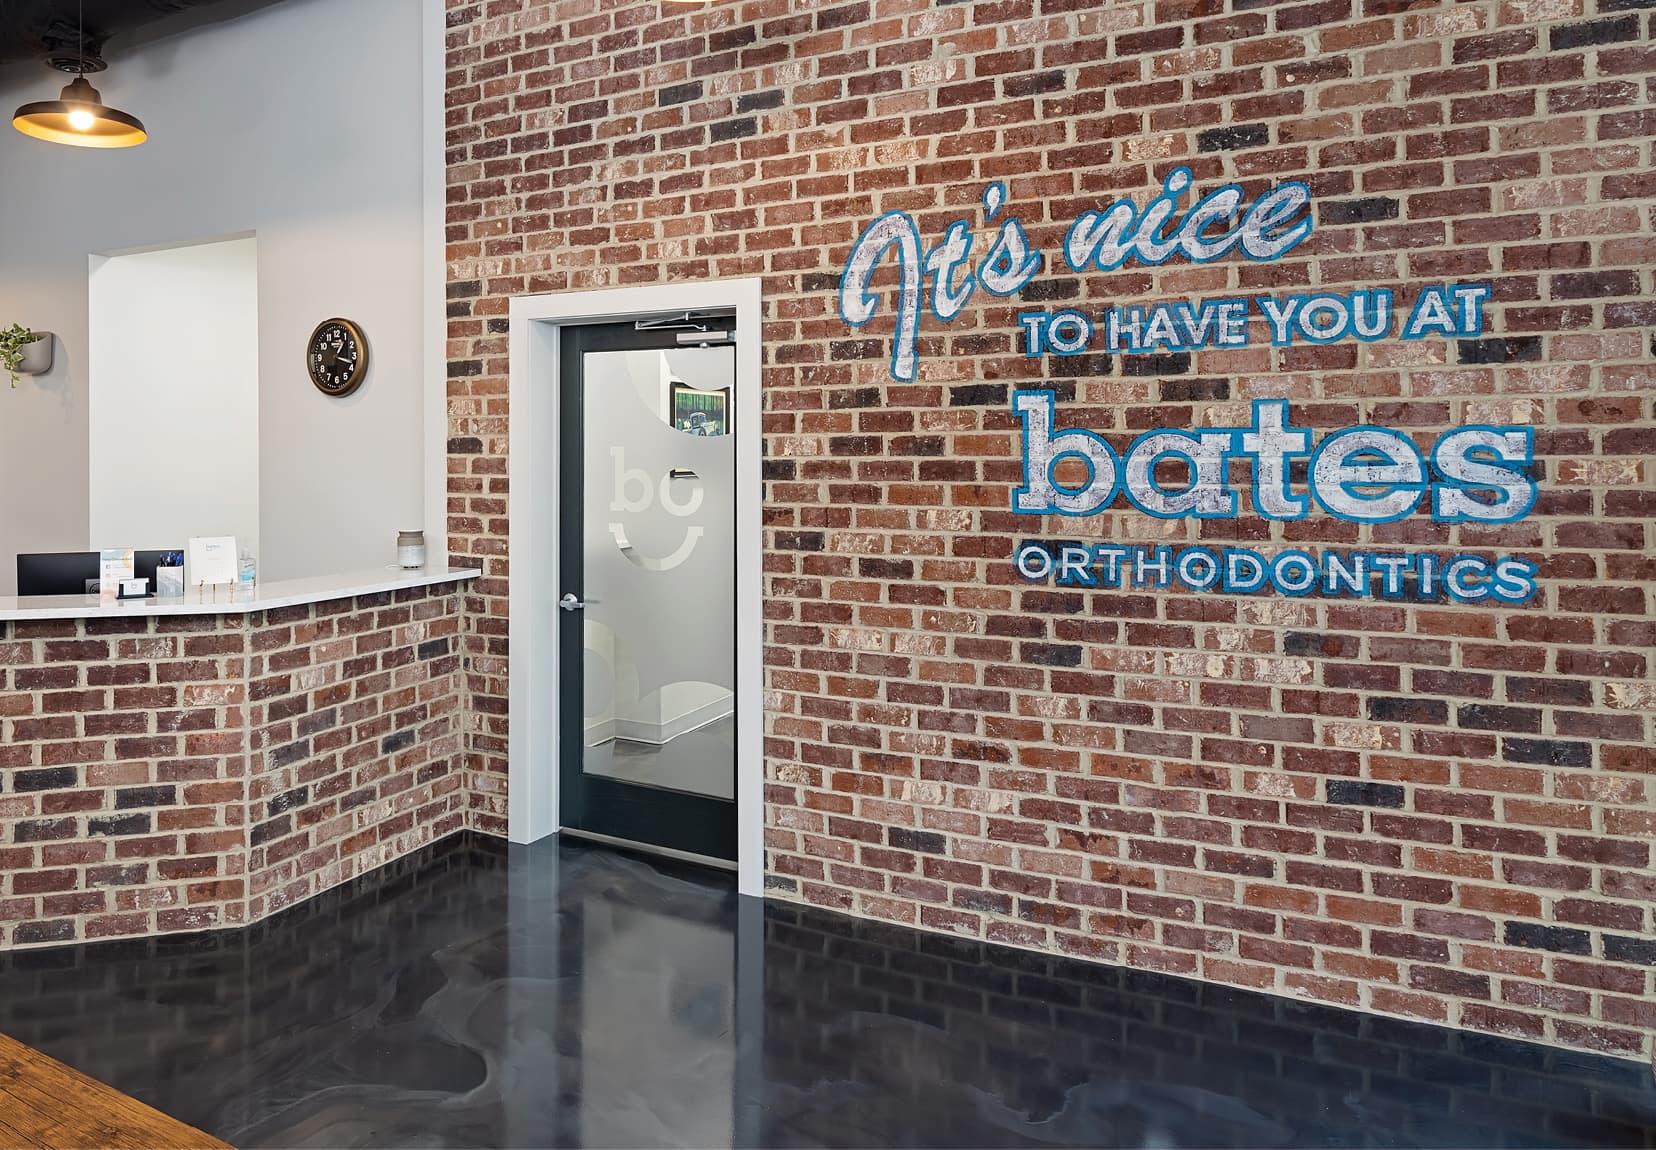 Bates lobby